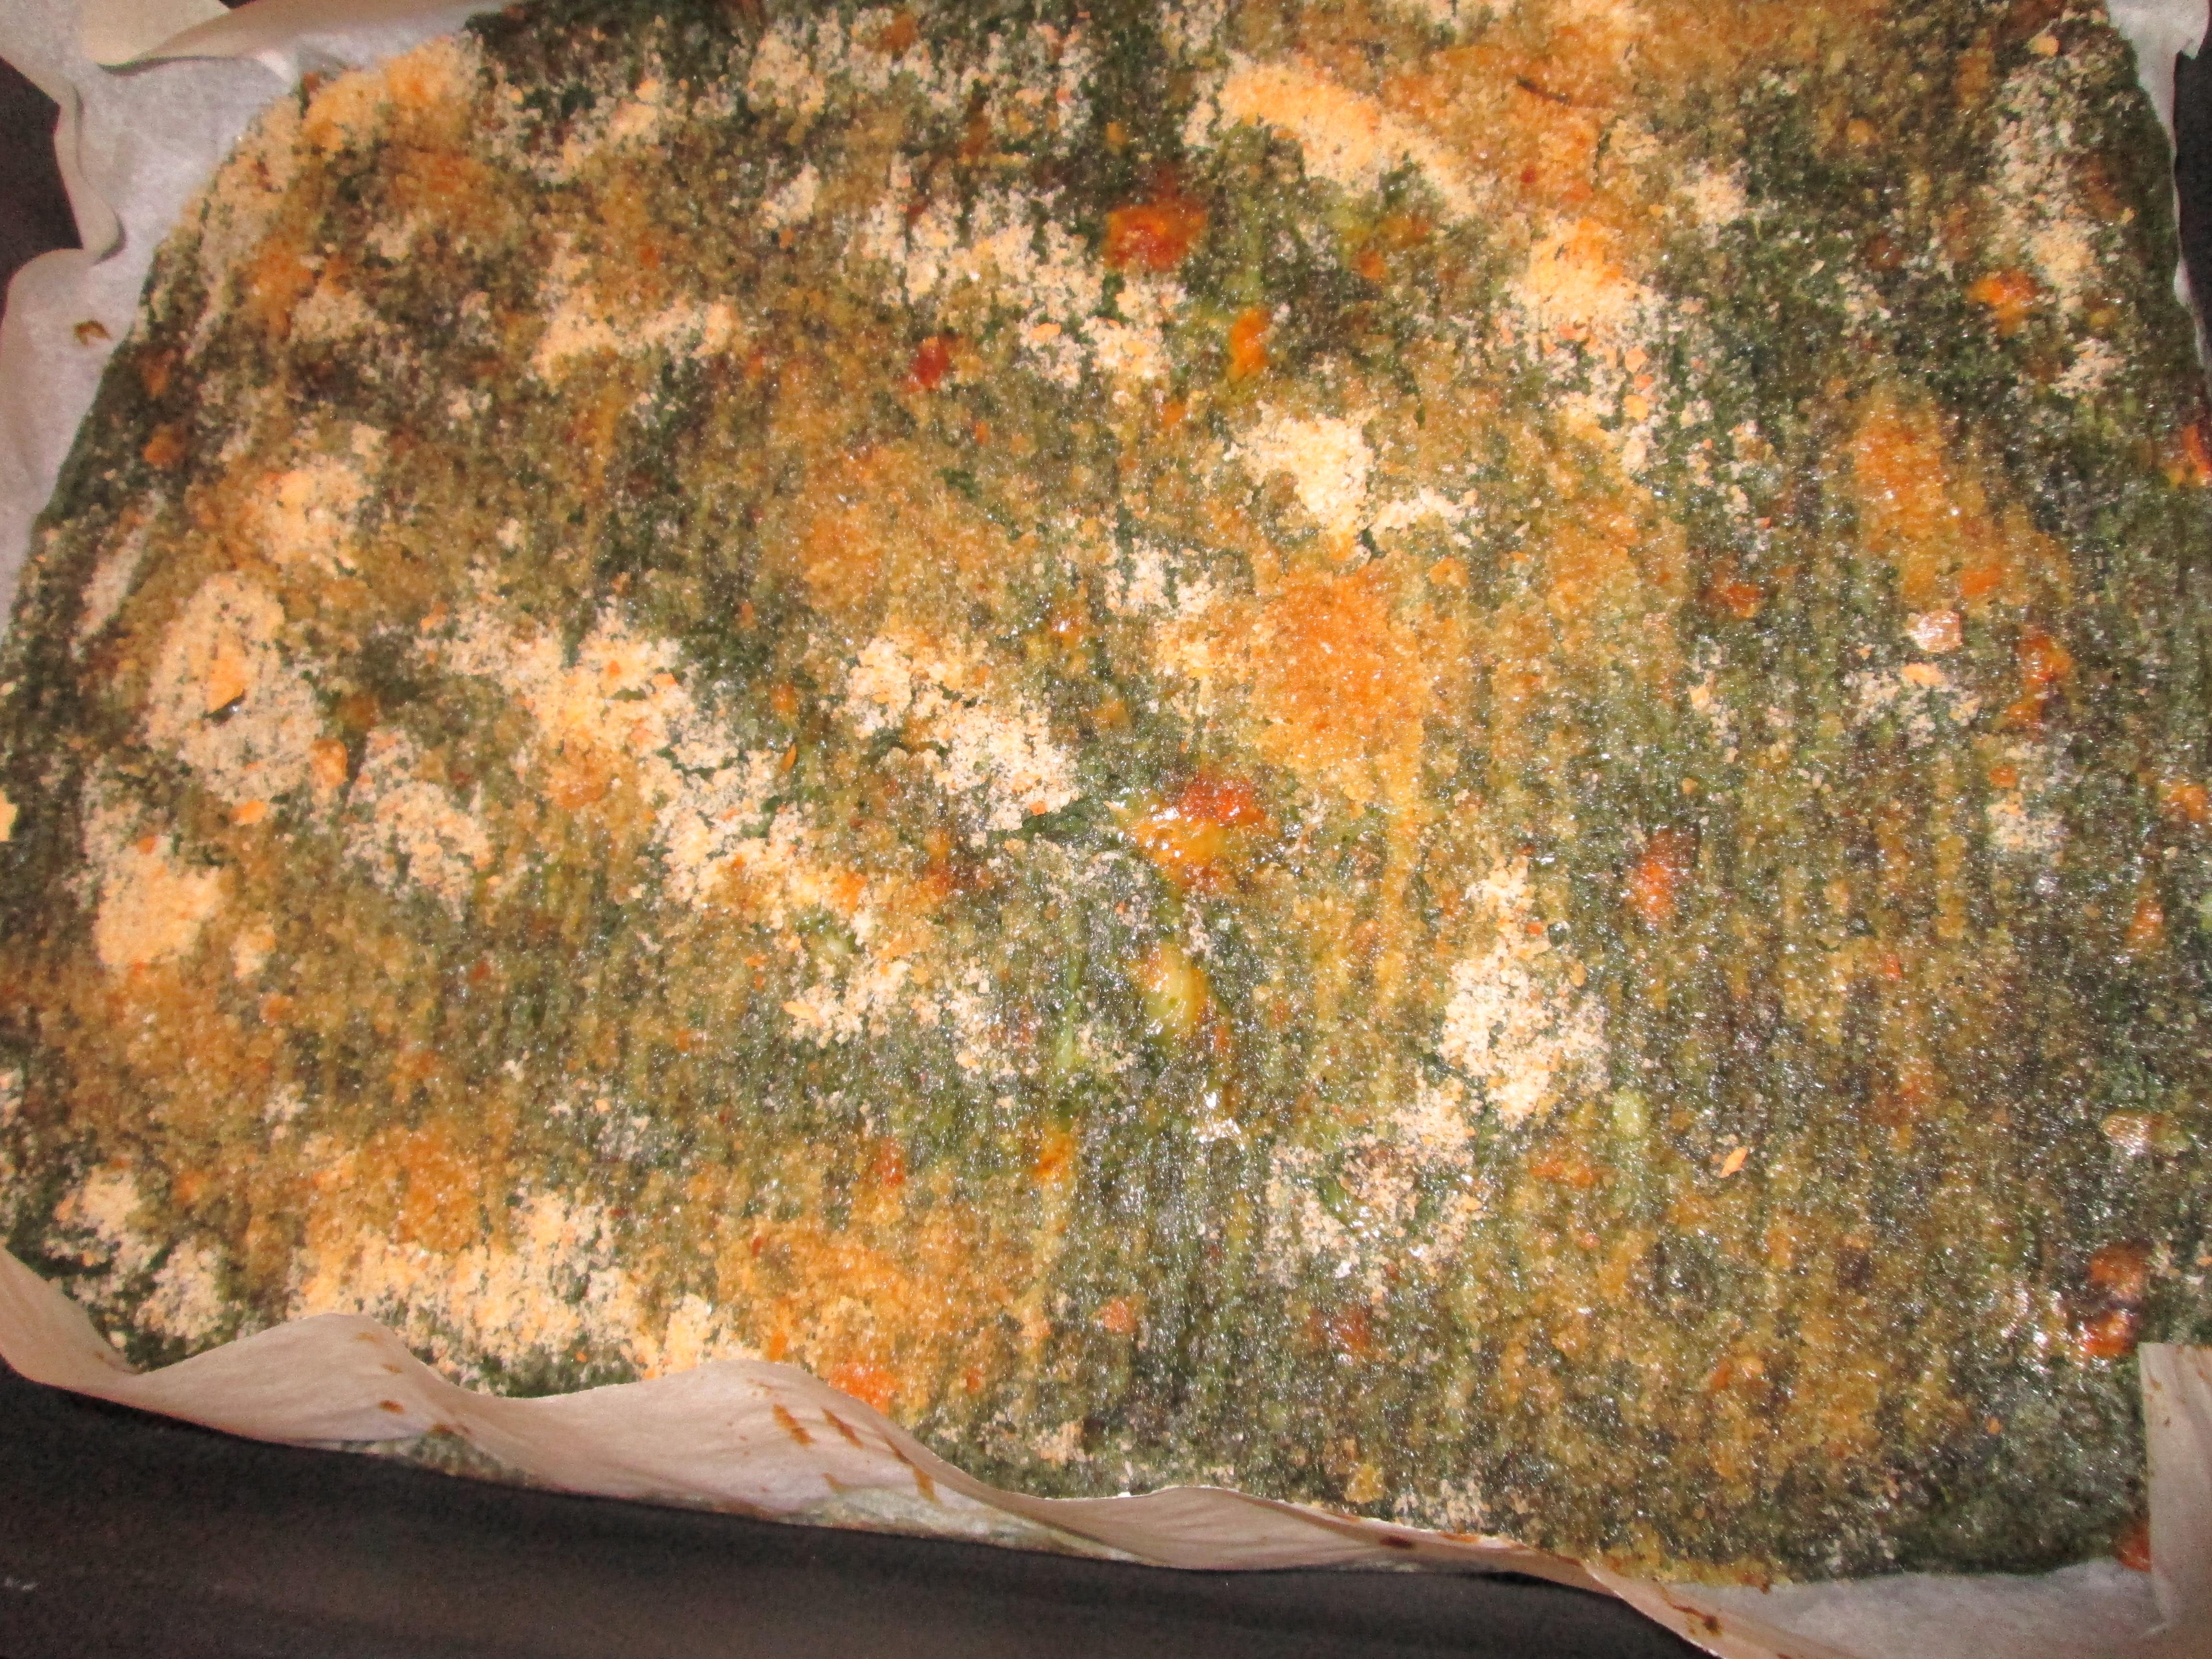 In alternativa potete fare delle palline con l'impasto impanarle con il pangrattato e friggerle tipo crocchette di patate o mettere l'impasto in degli stampini di silicone di varie forme . Questo è un piatto amato dai bambini e dai grandi . Buon appetito !!! P.s. prima di tagliare le fette della pizza fate raffreddare un pò